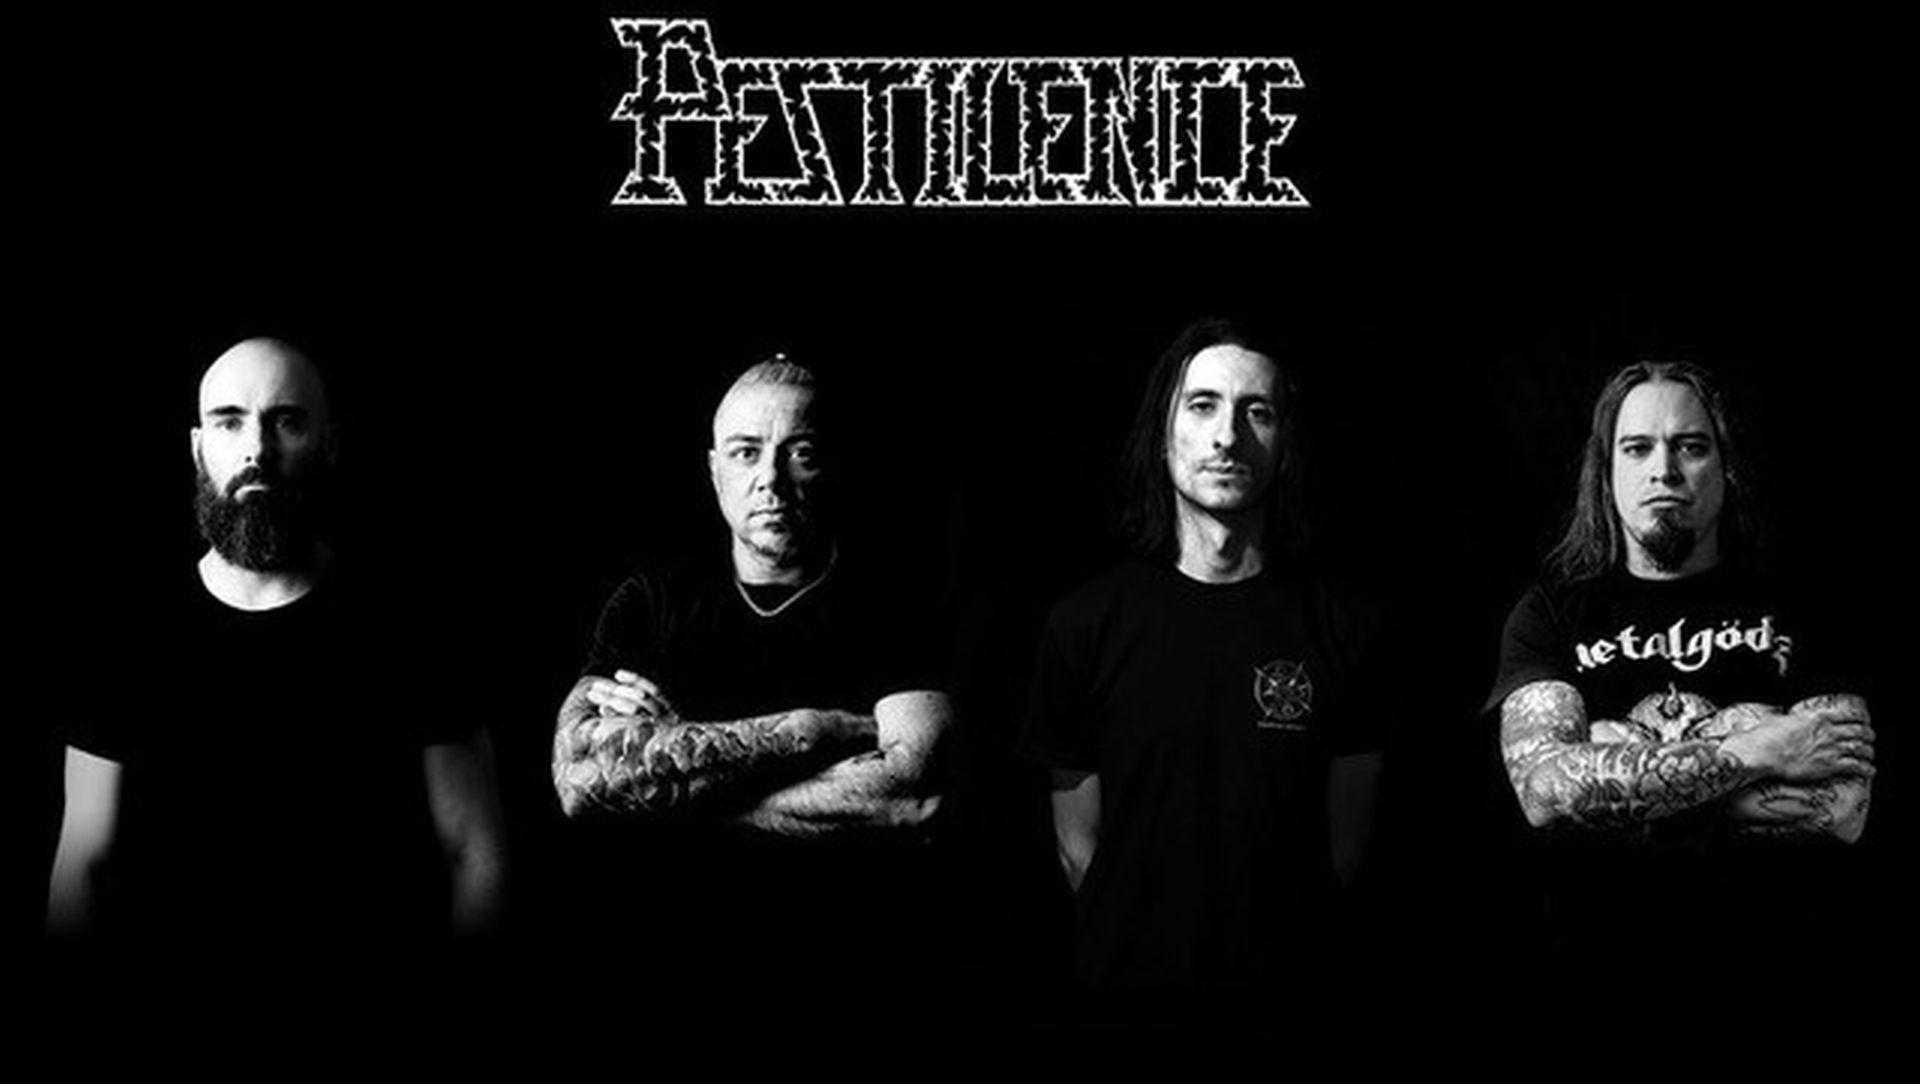 De Nederlandse death metal band Pestilence uit Enschede draait al heel wat jaren succesvol mee in de scene. Ze zijn opgericht in 1986 en na twee keer gestopt te zijn, zijn ze sinds 2016 weer helemaal alive en kicking!